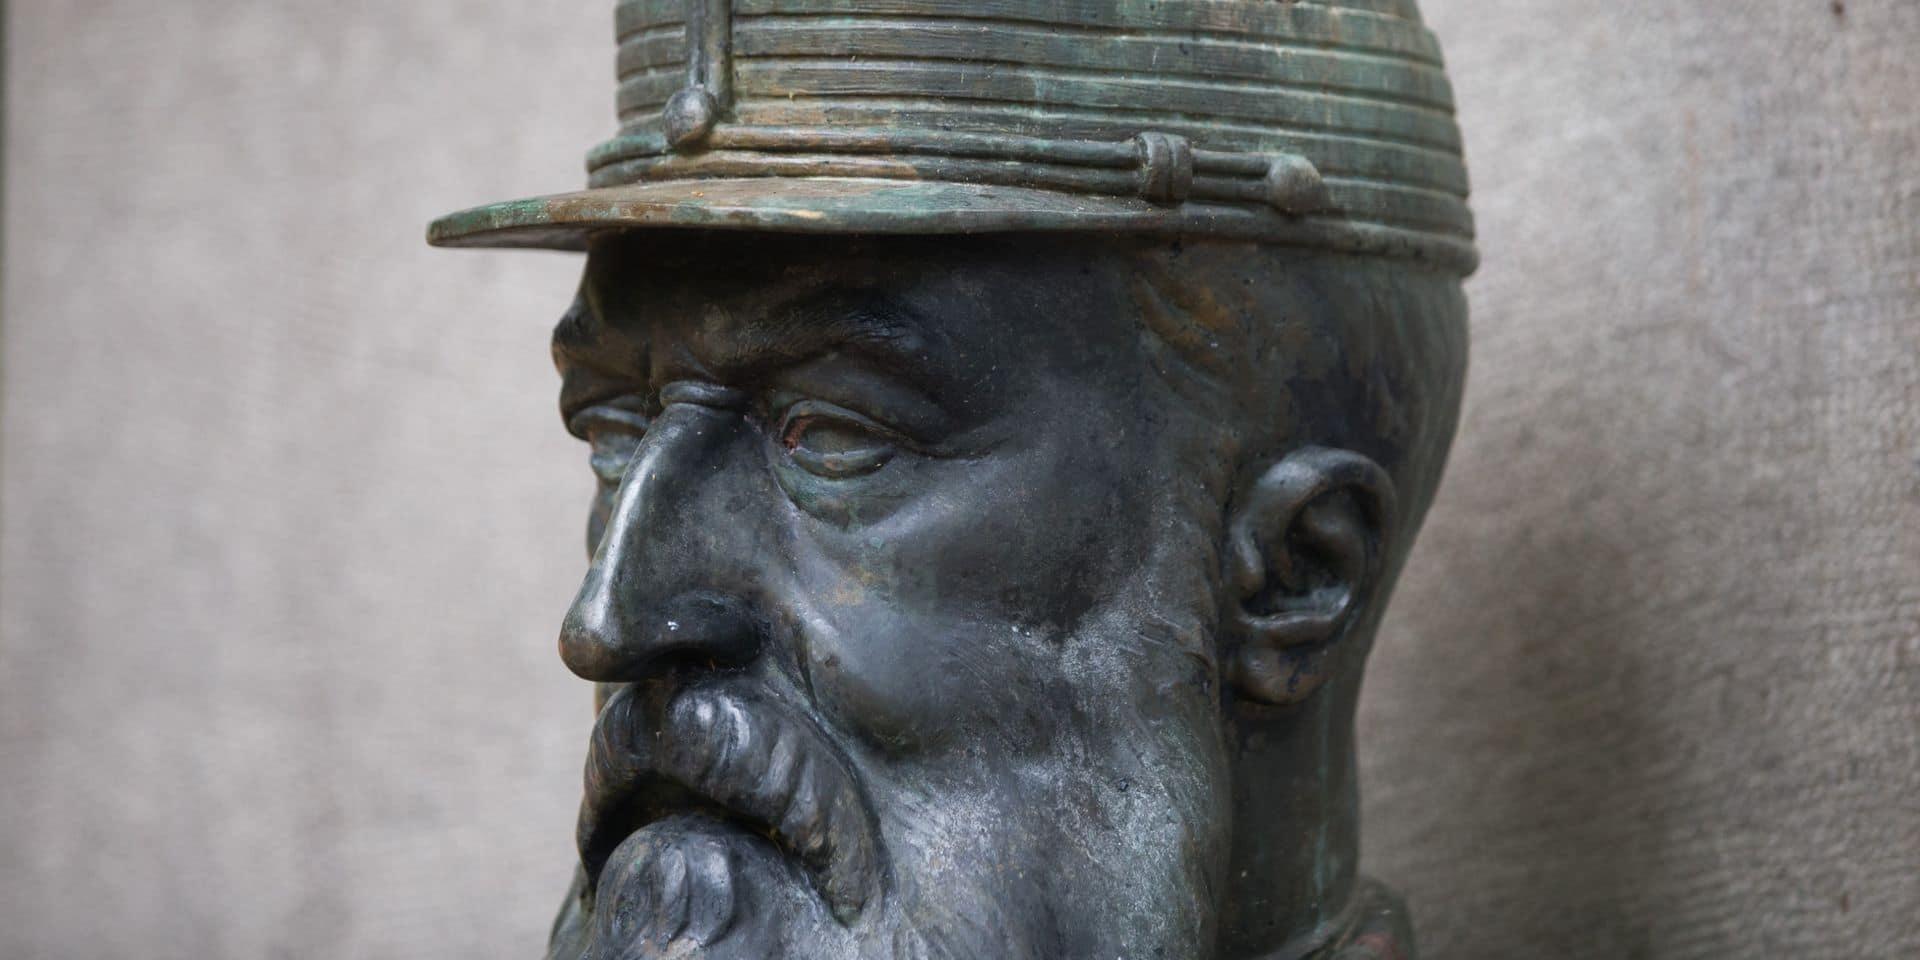 Statue de Léopold II retirée à l'UMons : place au débat et à la sensibilisation